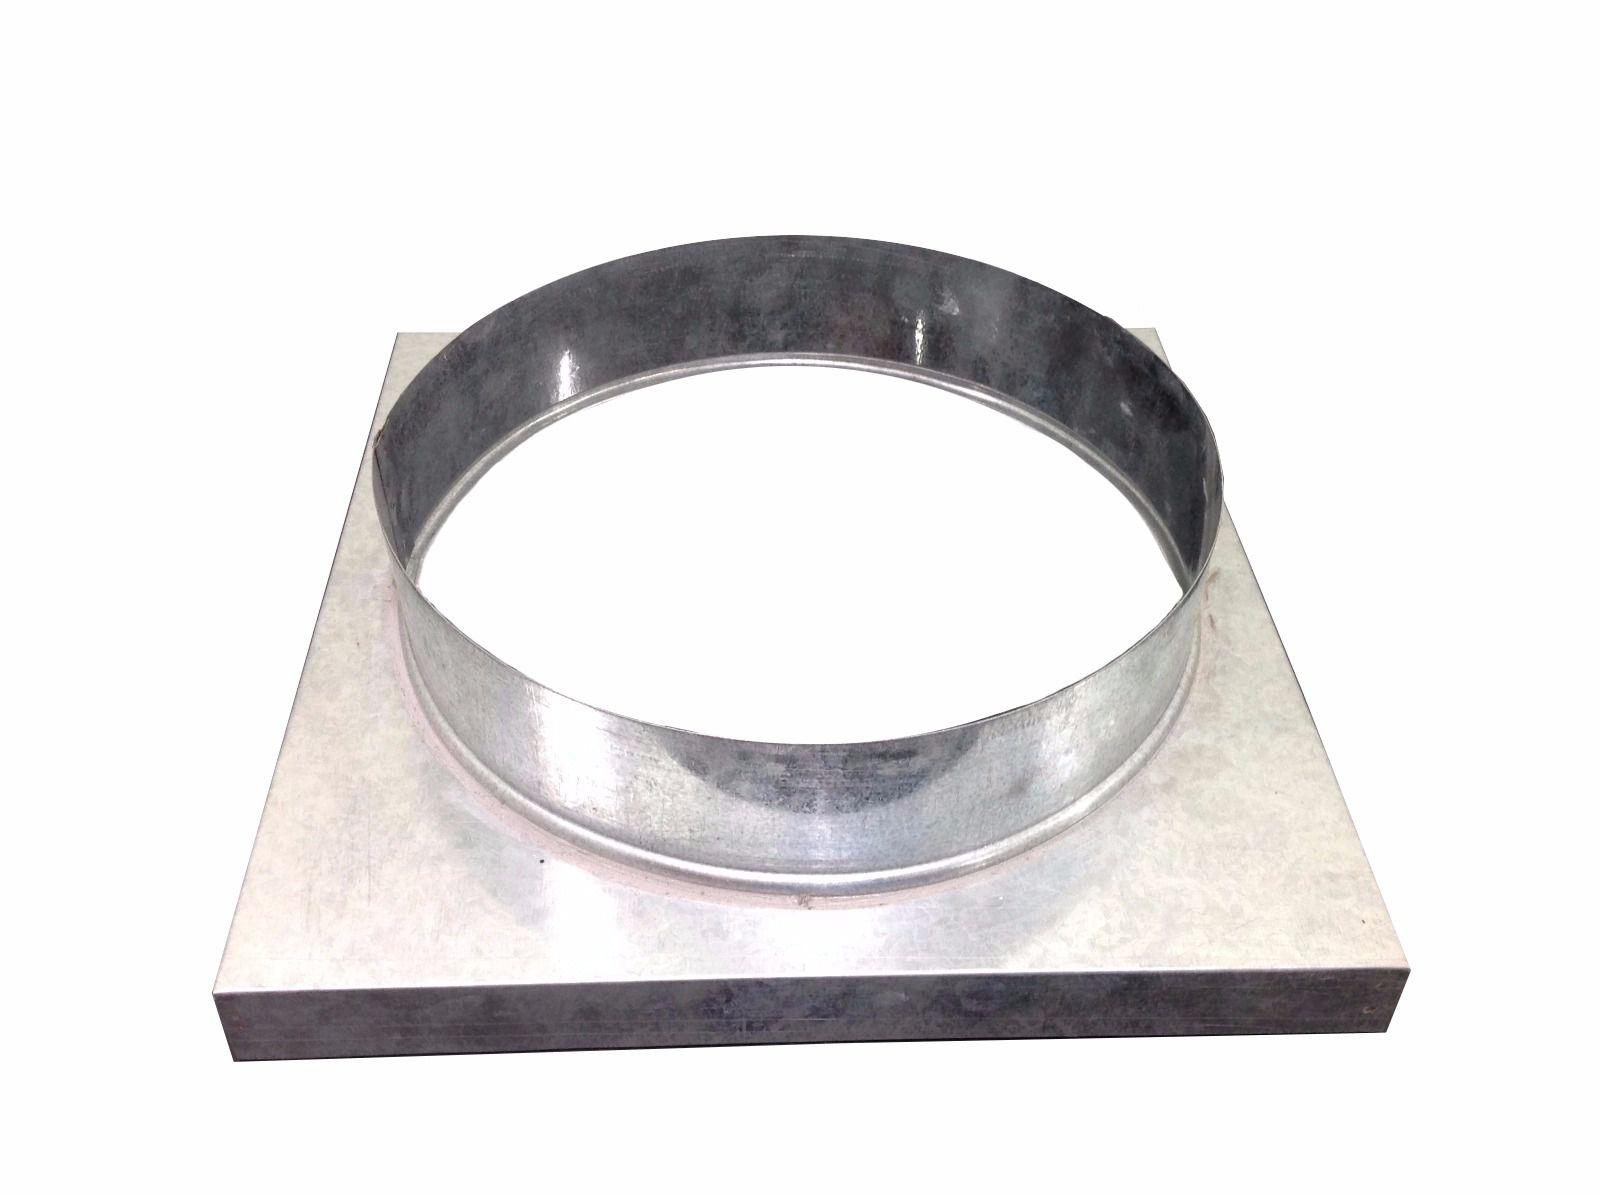 Adaptador galvanizado de quadrado 30,5 x 30,5 cm para redondo 255 mm de diâmetro  - Galvocalhas